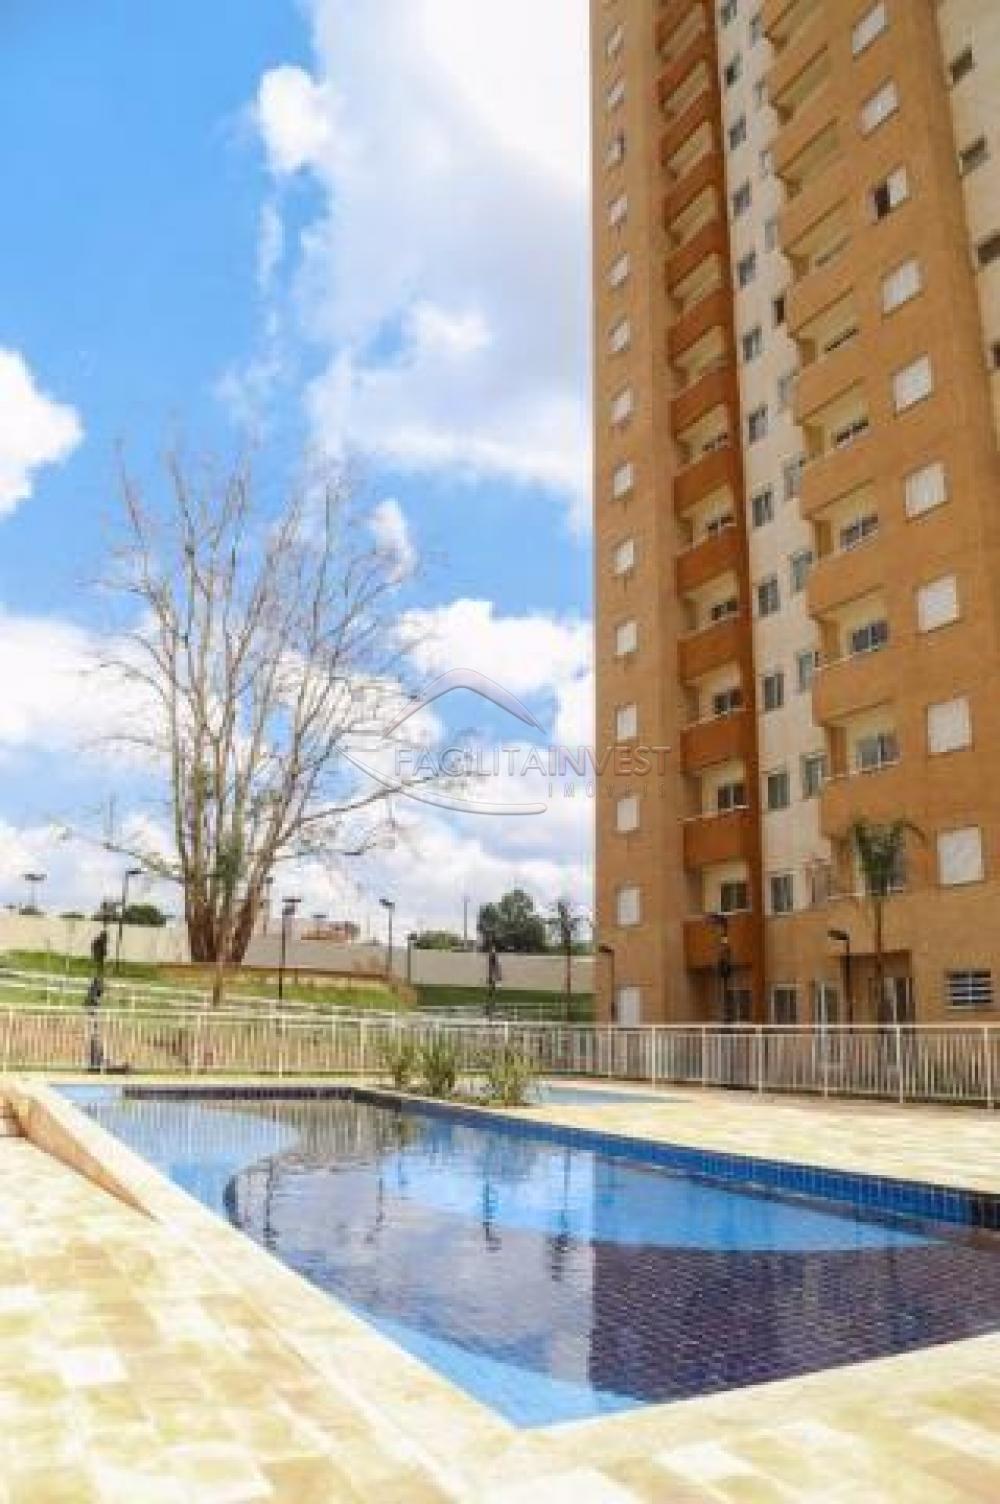 Comprar Apartamentos / Apart. Padrão em Ribeirão Preto apenas R$ 220.000,00 - Foto 30